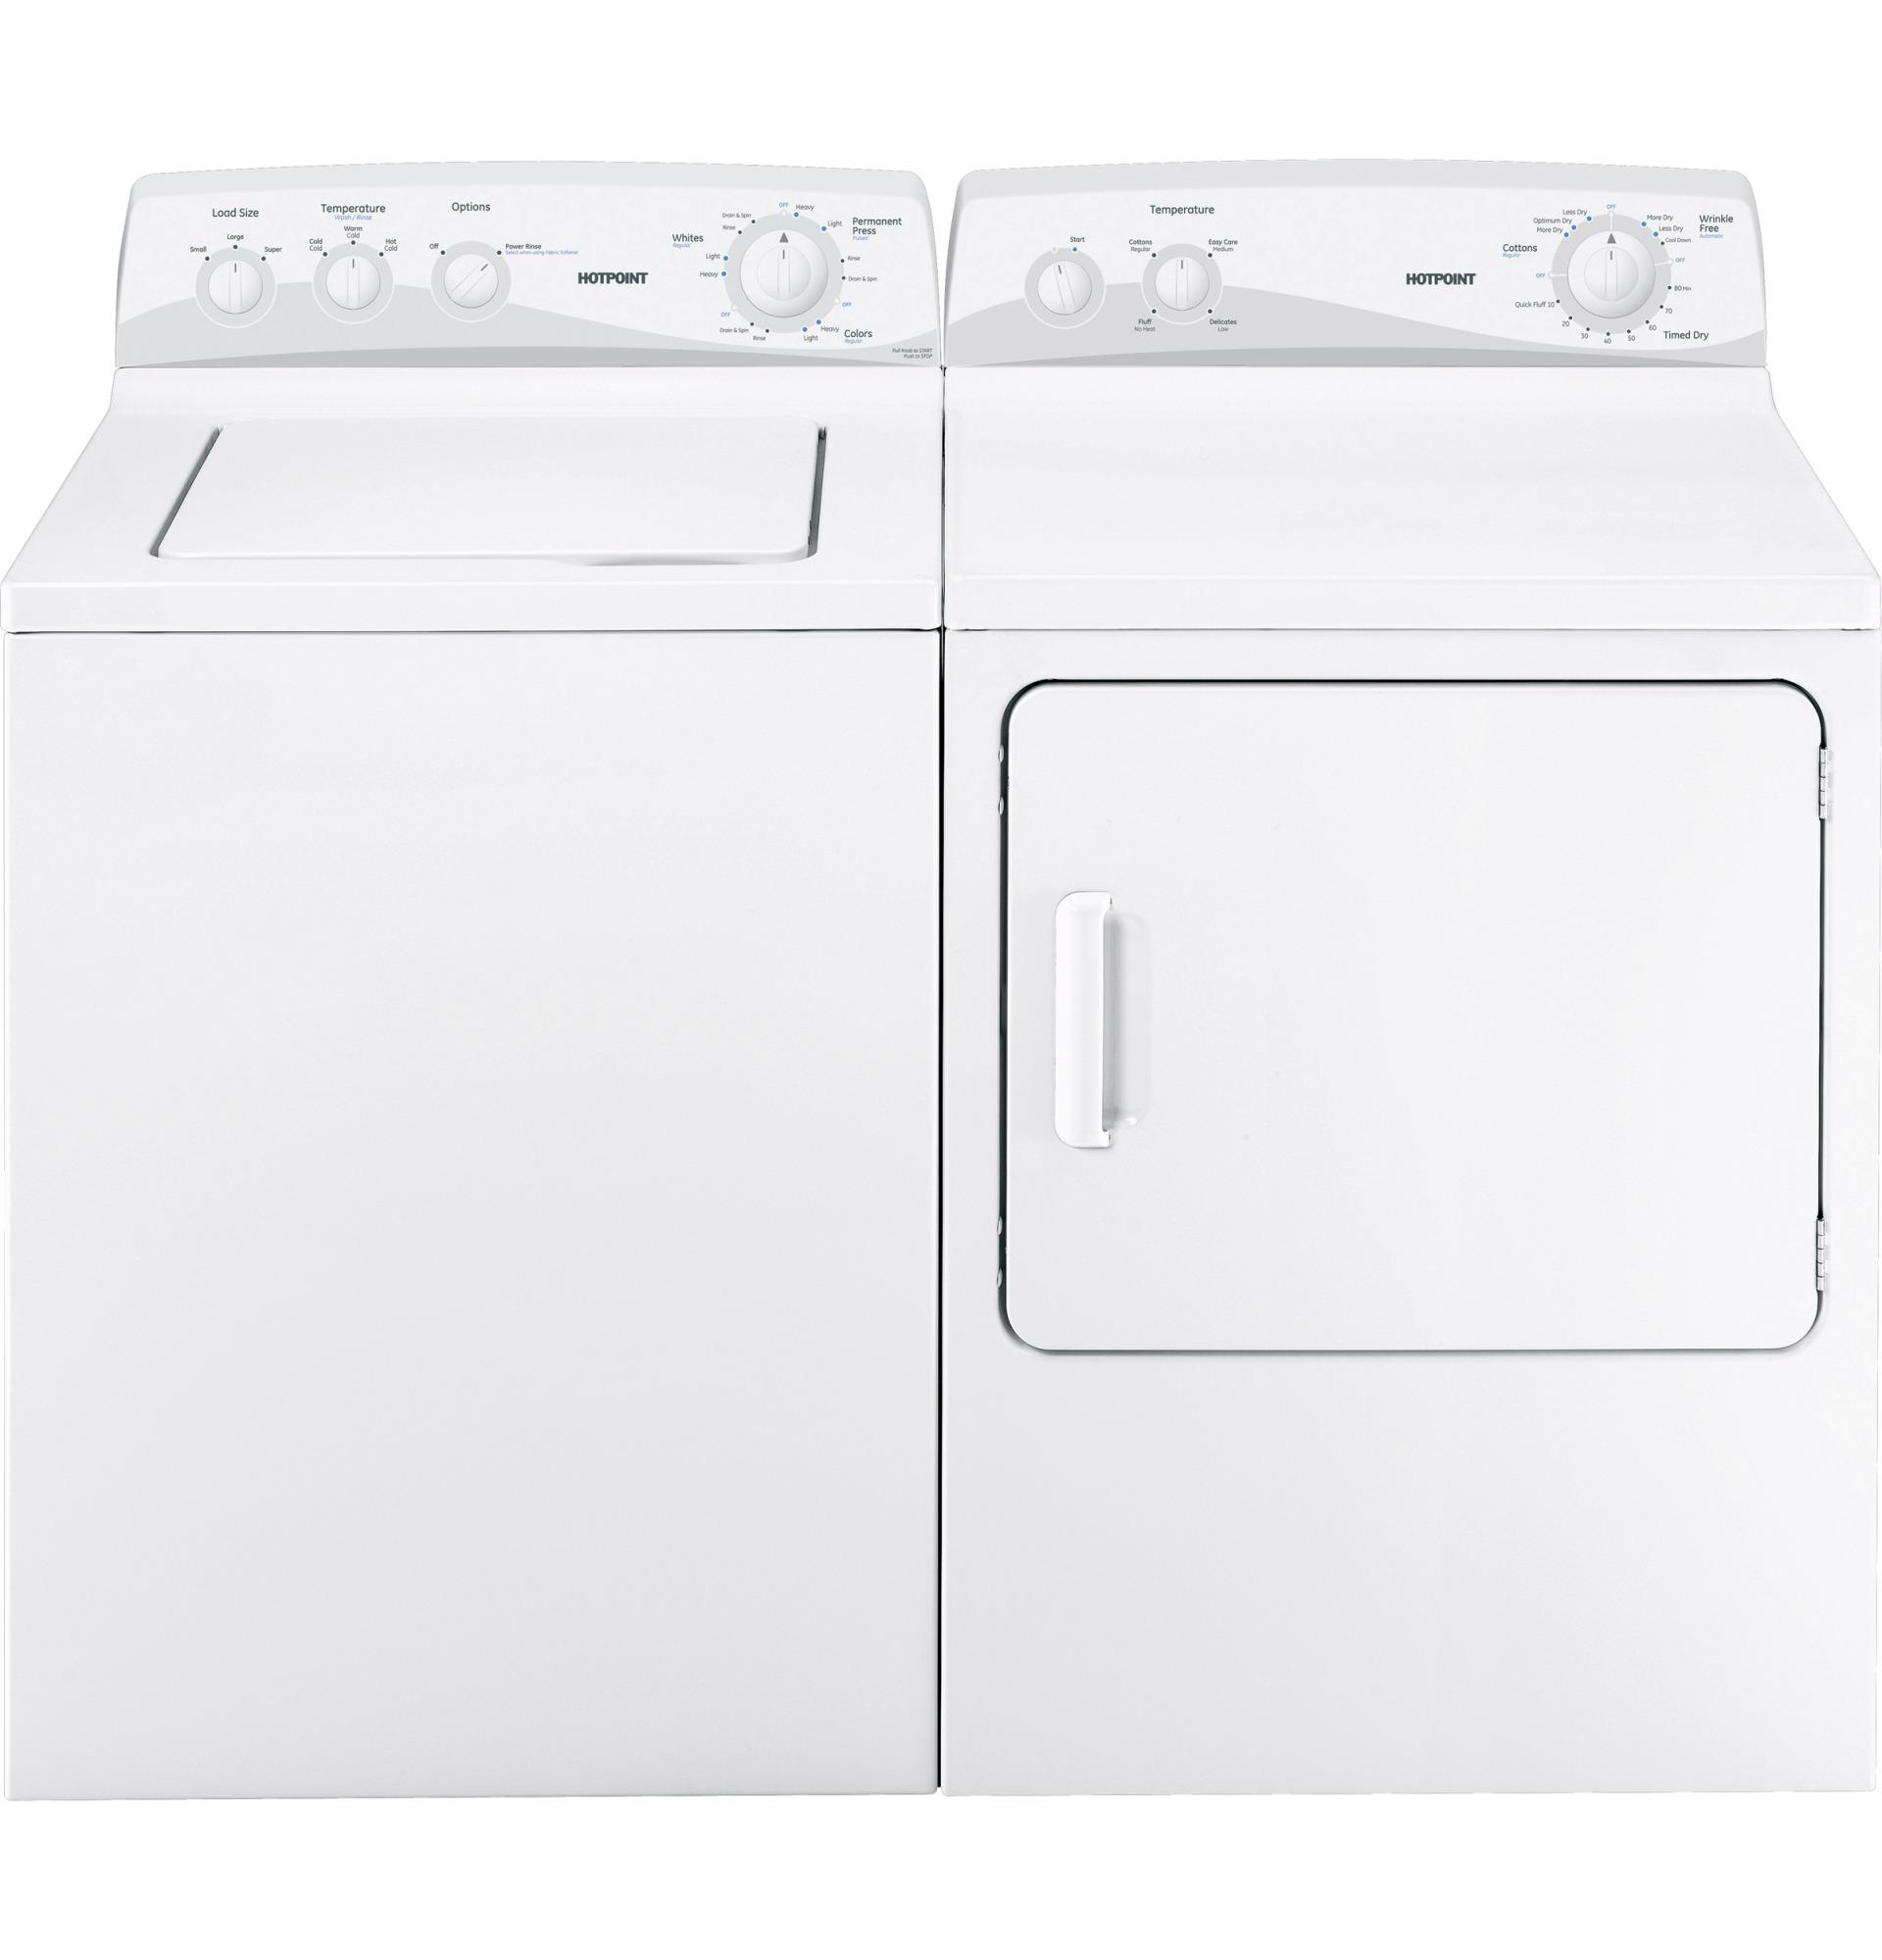 Hotpoint HTDP120GDWW 6.8 cu. ft. Dura Drum Gas Dryer - White